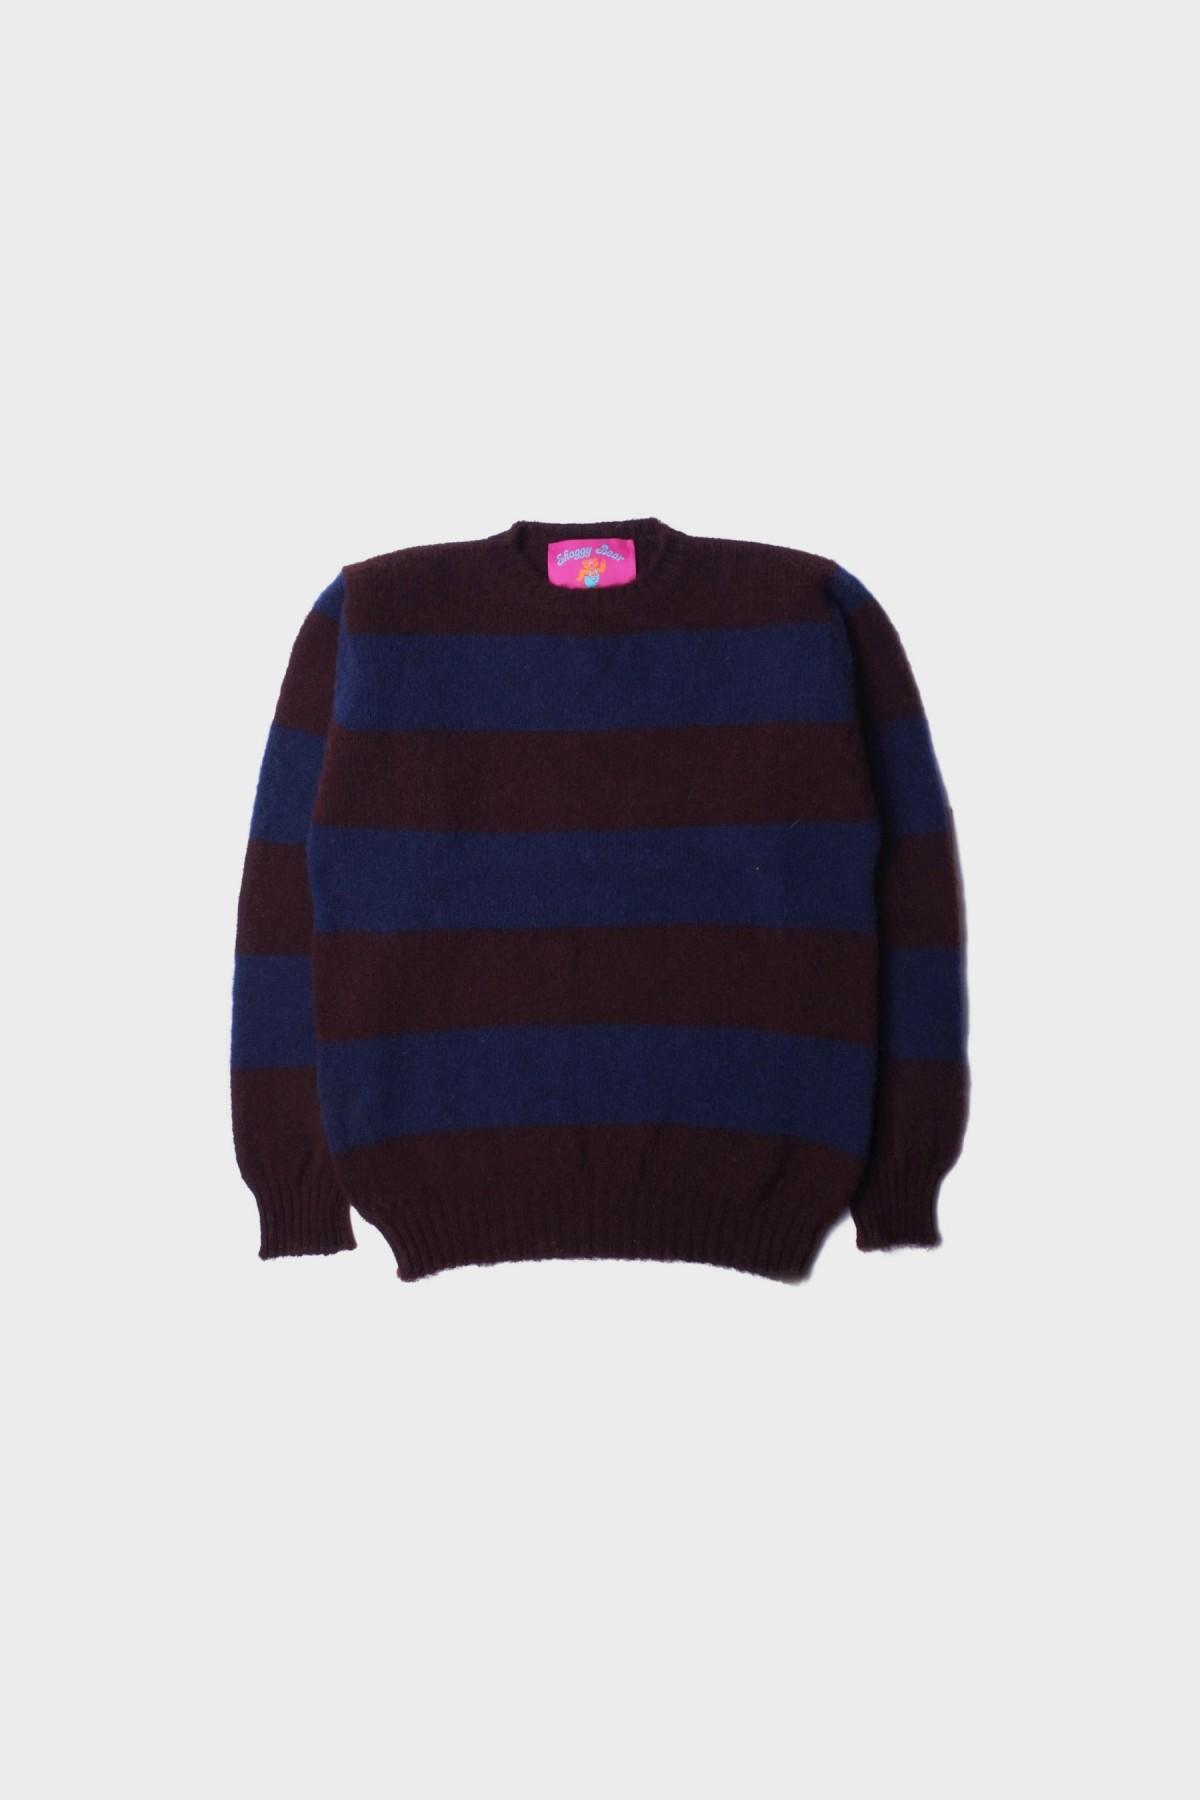 Howlin' Shaggy Bear in Purple Chunky Stripes